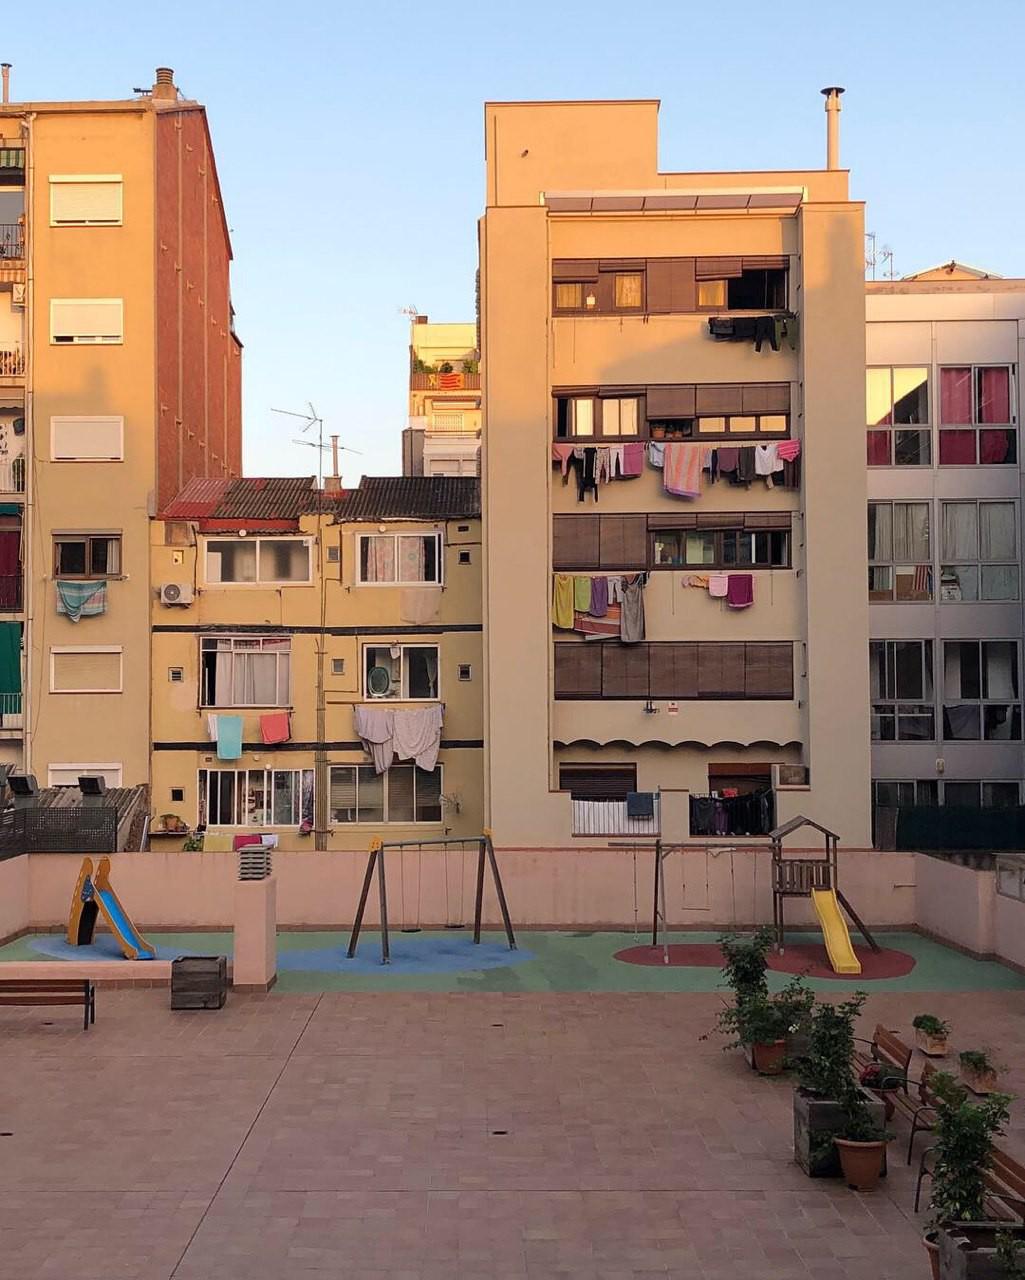 В каждом квартале есть внутренний двор